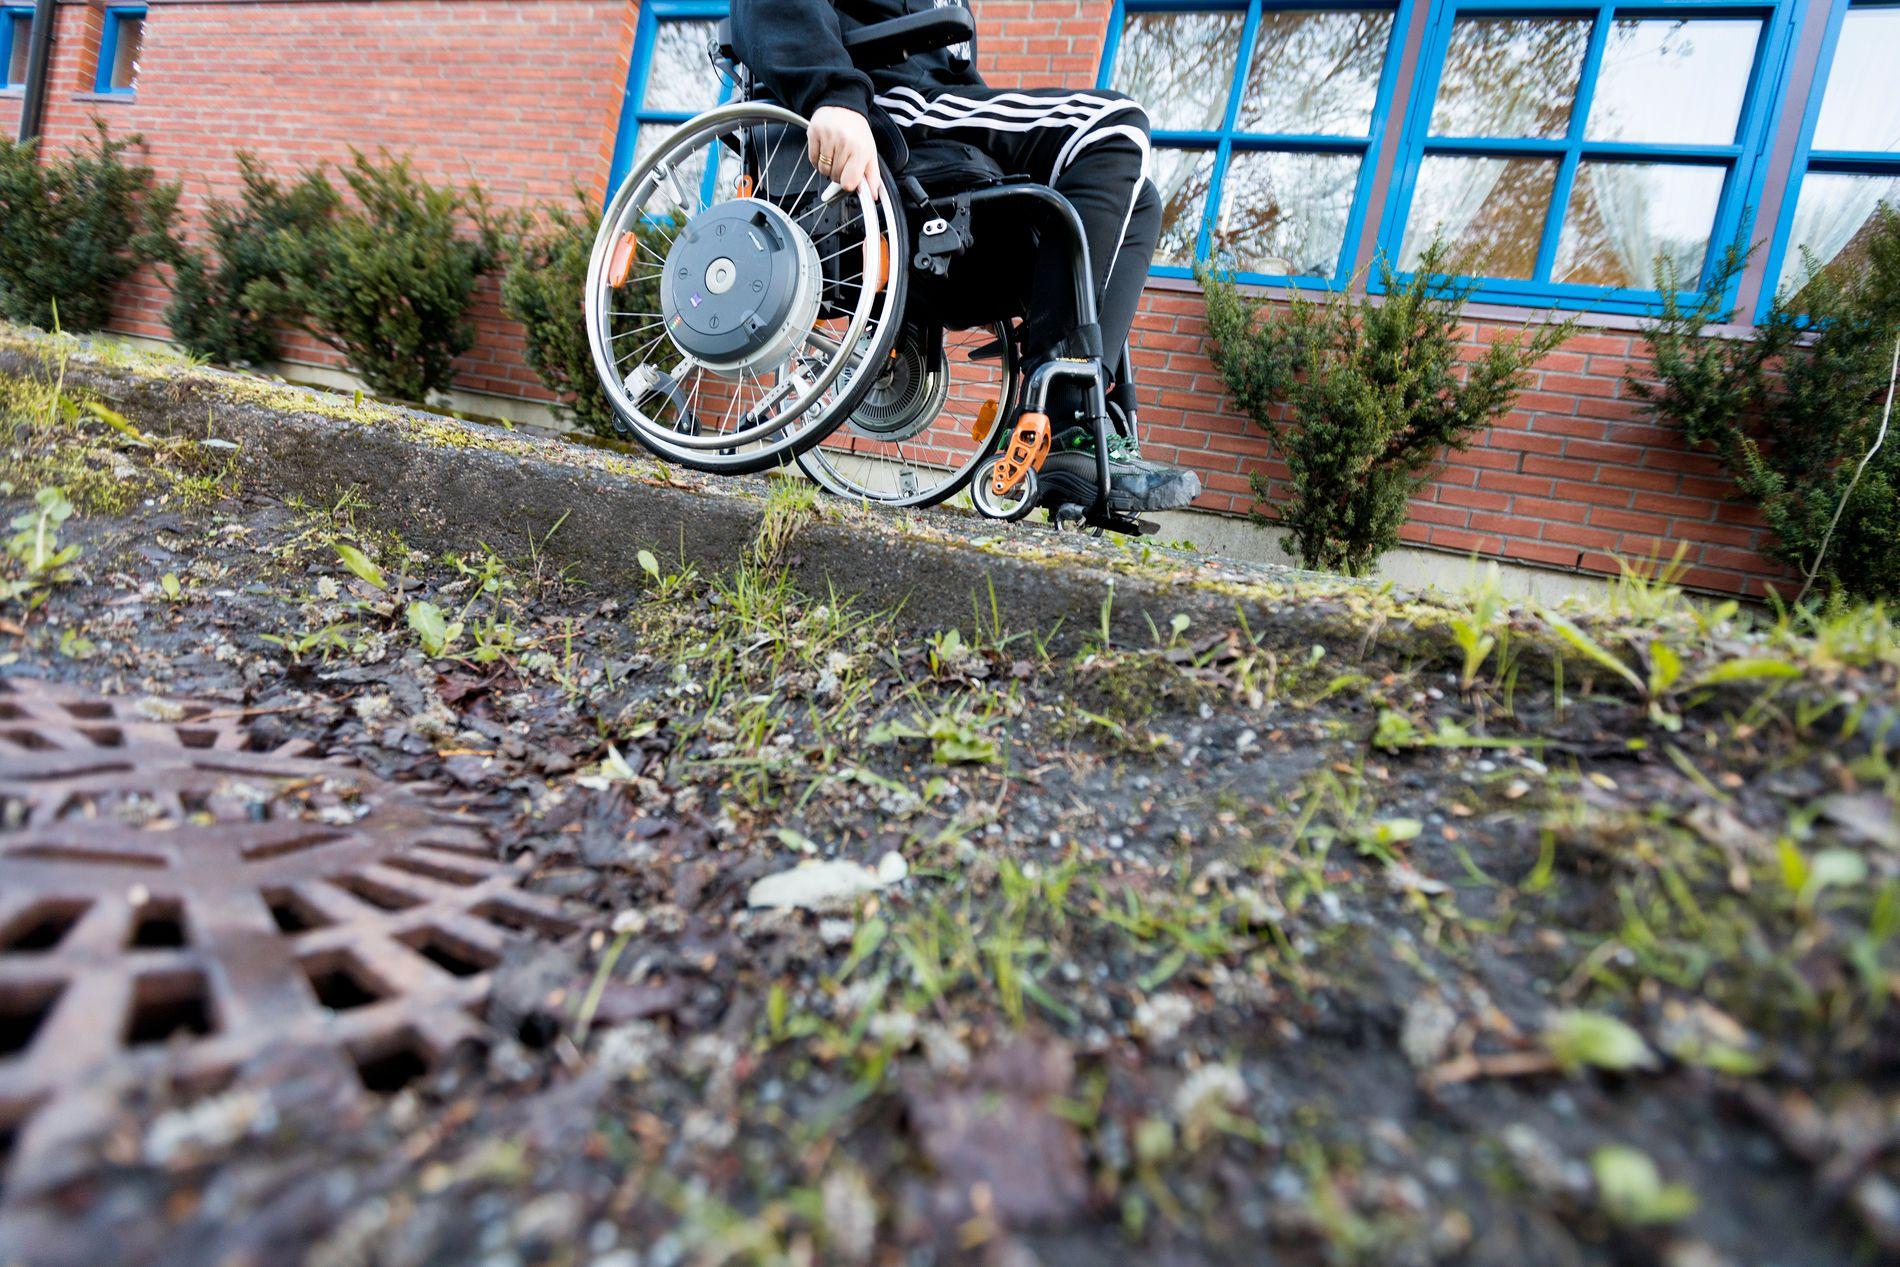 LAVERE UTDANNINGSNIVÅ: - Det er ingen grunn til at mennesker med nedsatt funksjonsevne skal ha lavere utdanningsnivå enn andre, men likevel er det tilfelle, skriver kronikkforfatteren.